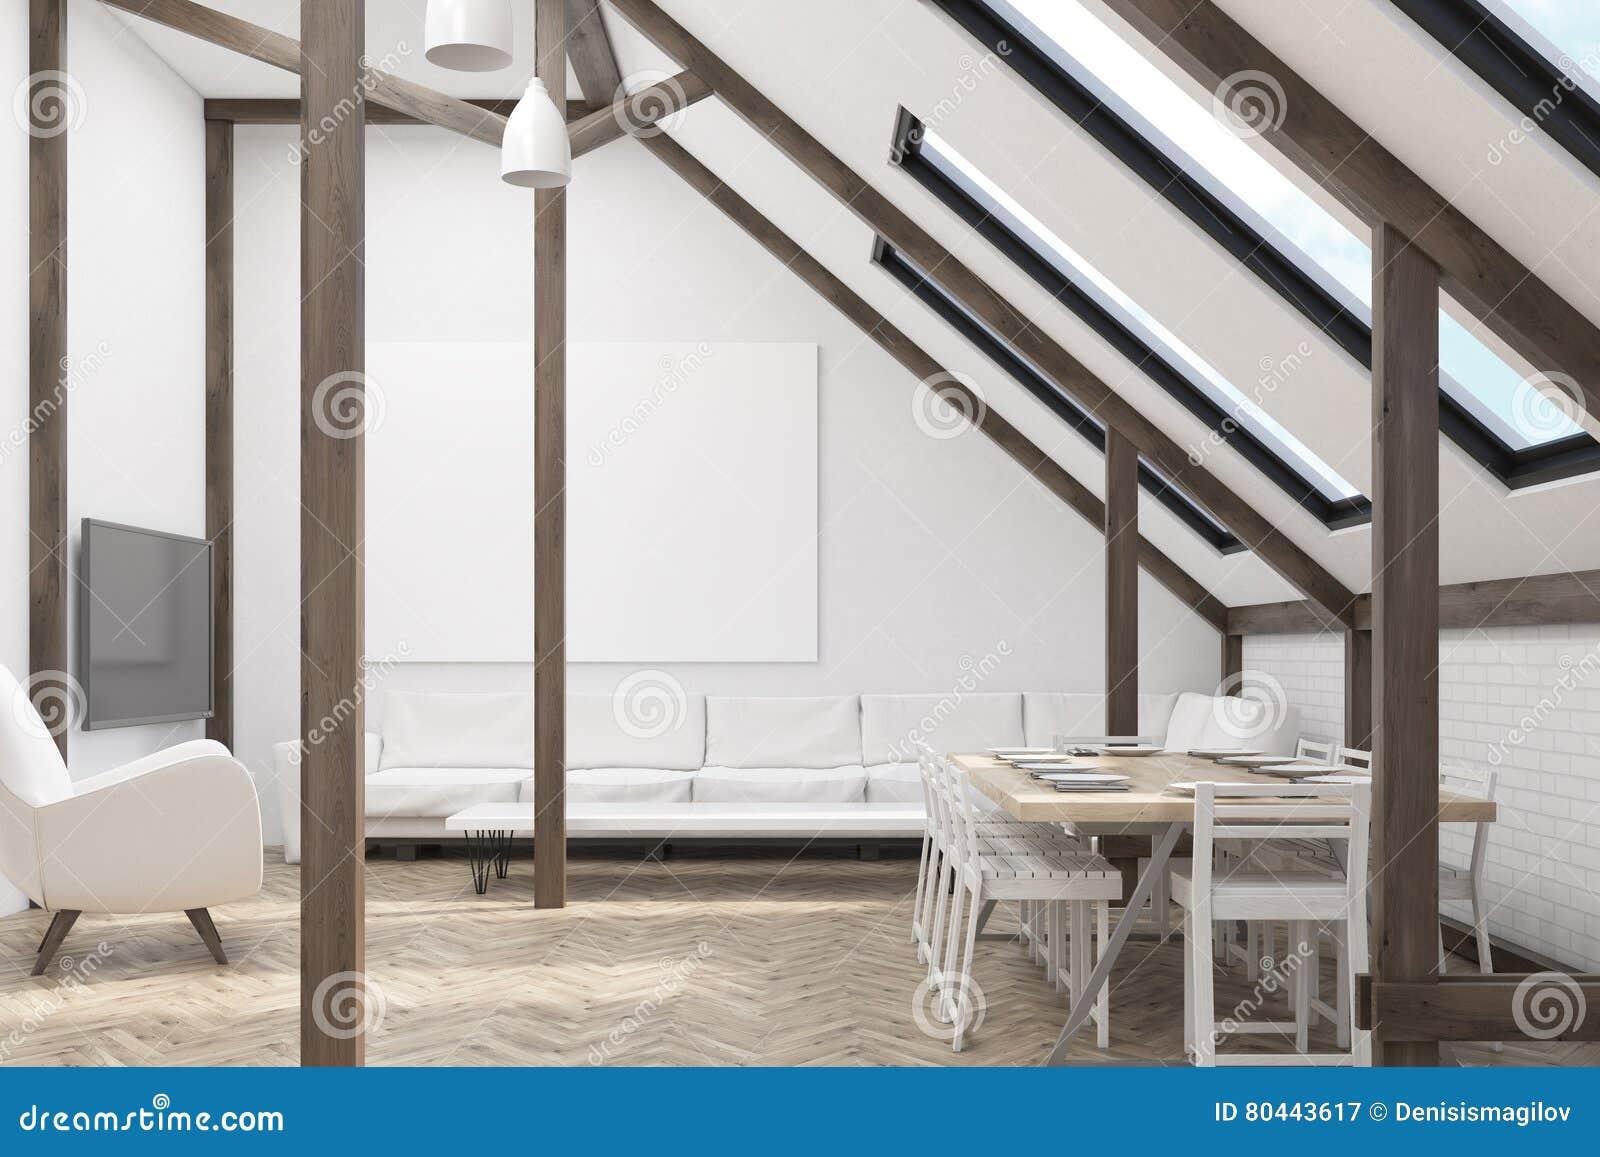 Woonkamer Op Zolder : Zolder met een woonkamer stock illustratie. illustratie bestaande